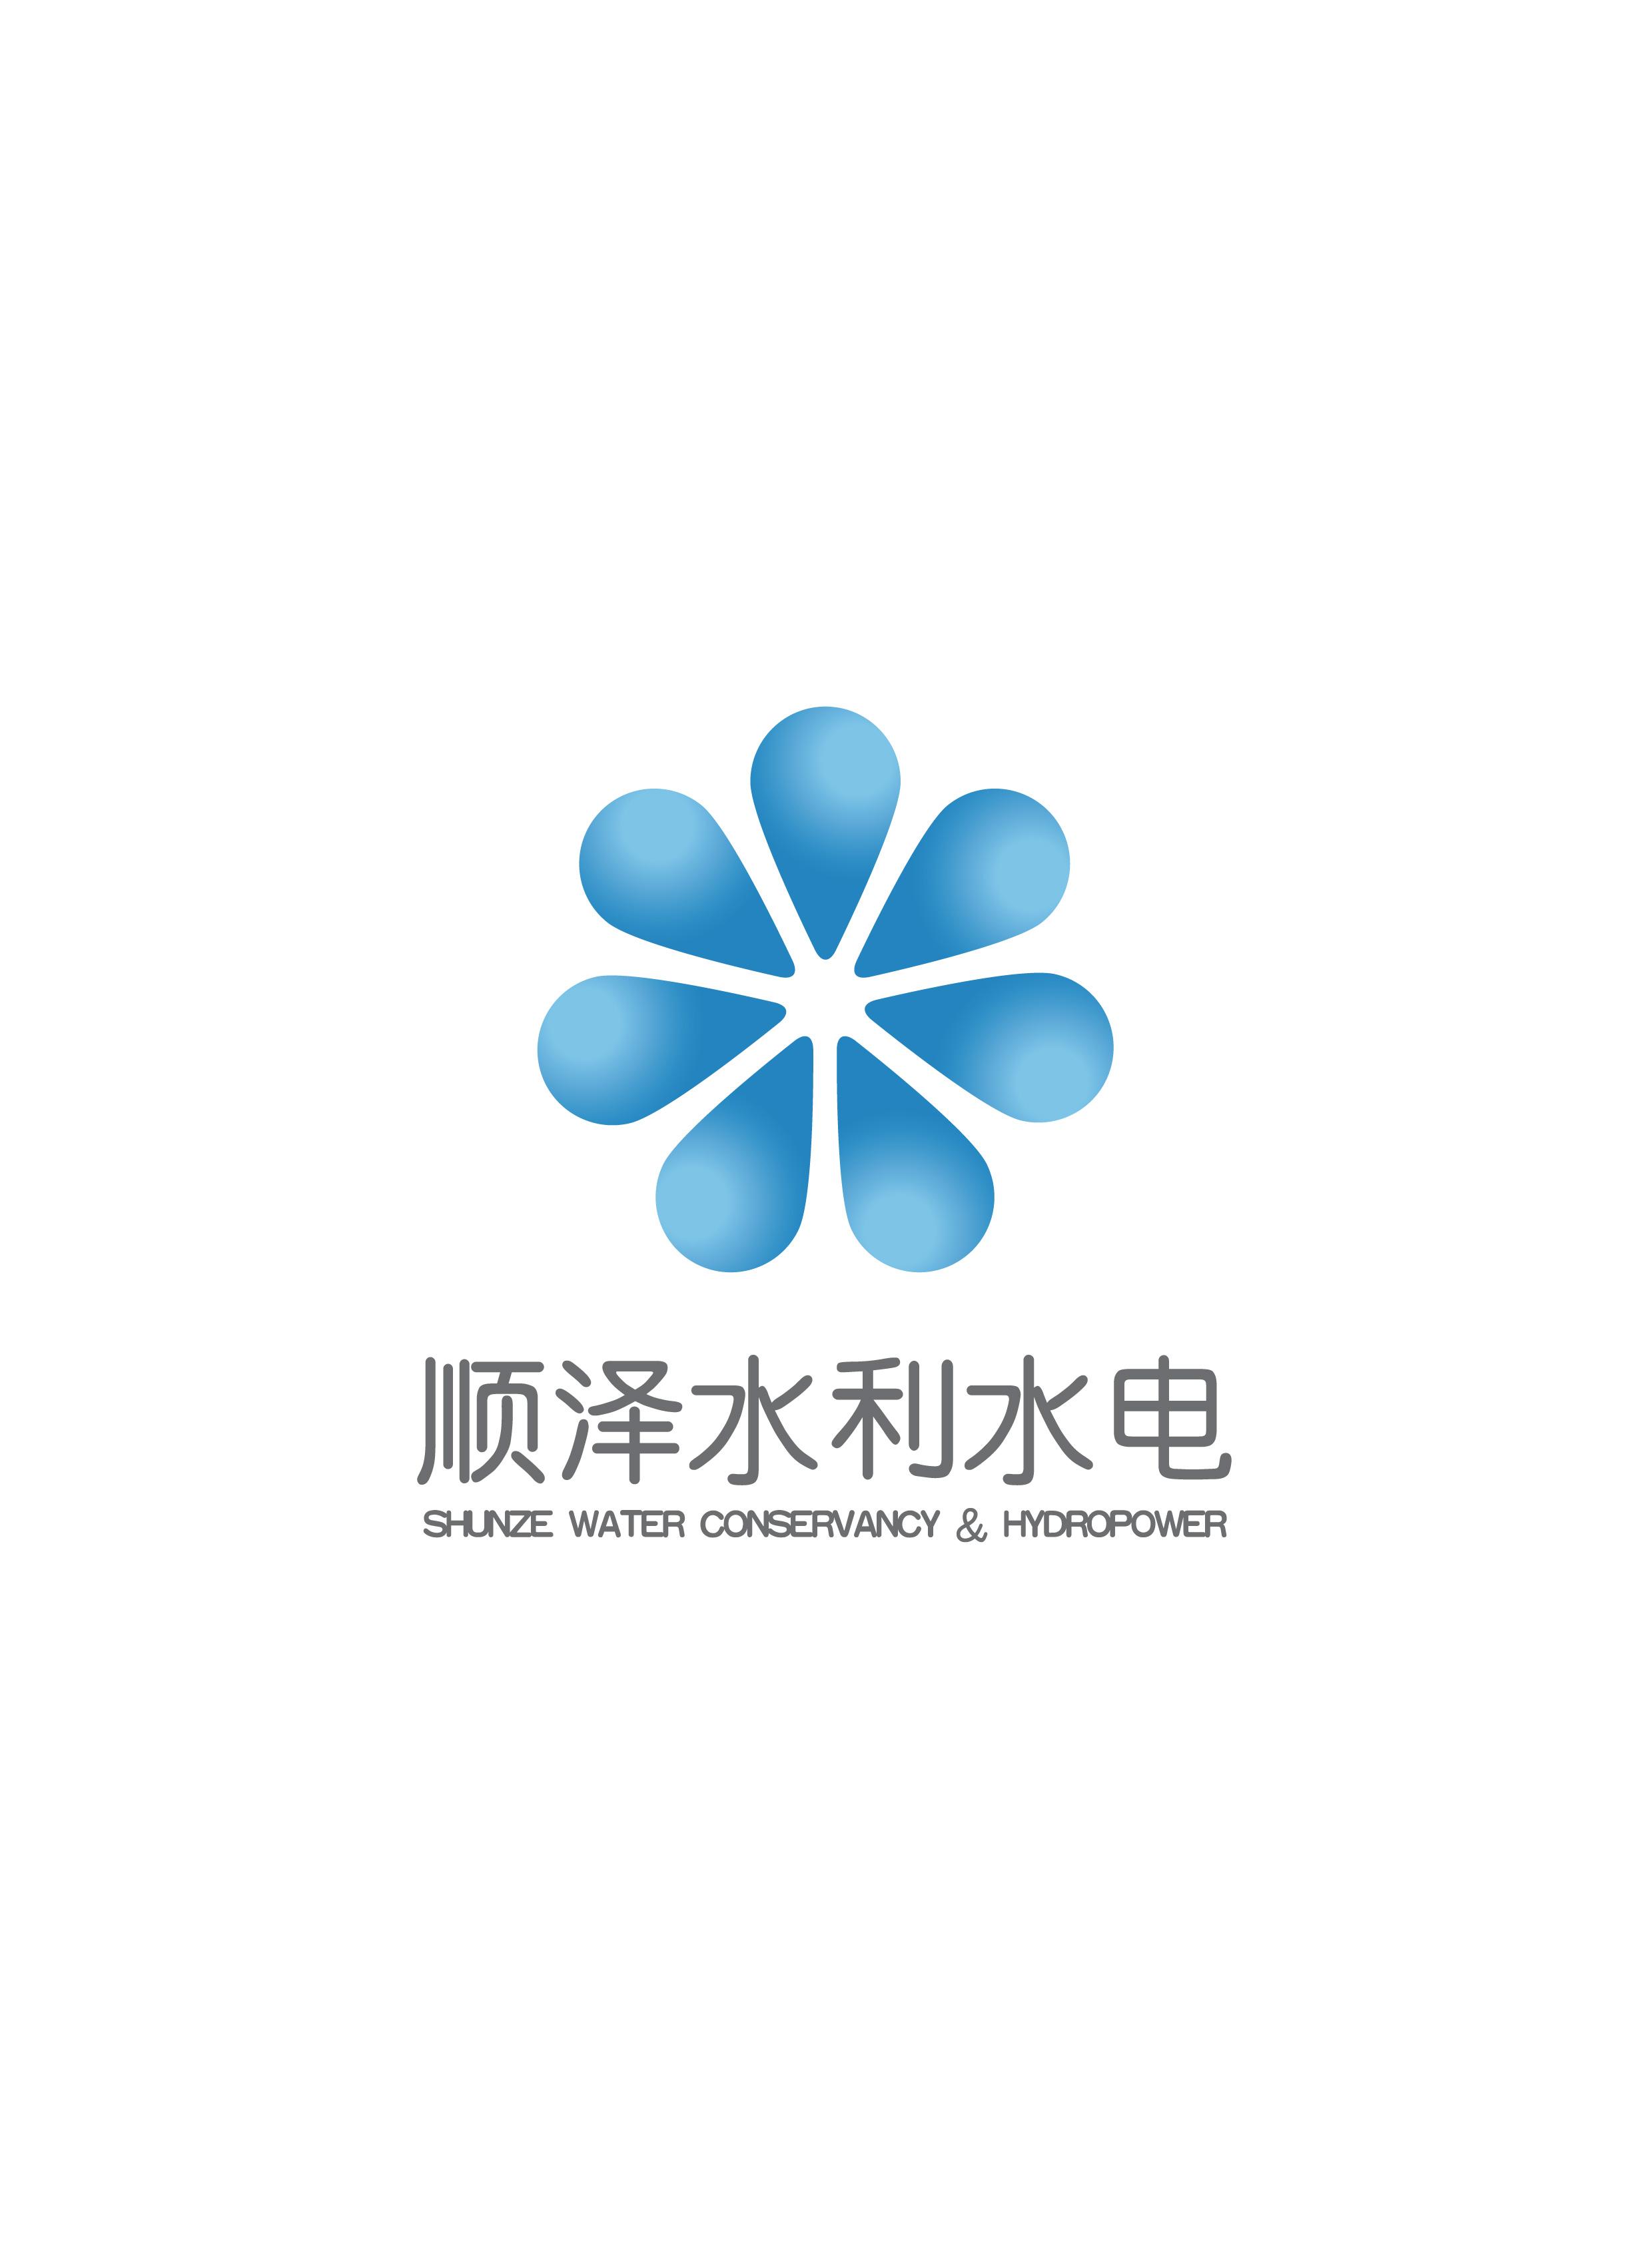 杭州順澤水利水電工程設計有限公司